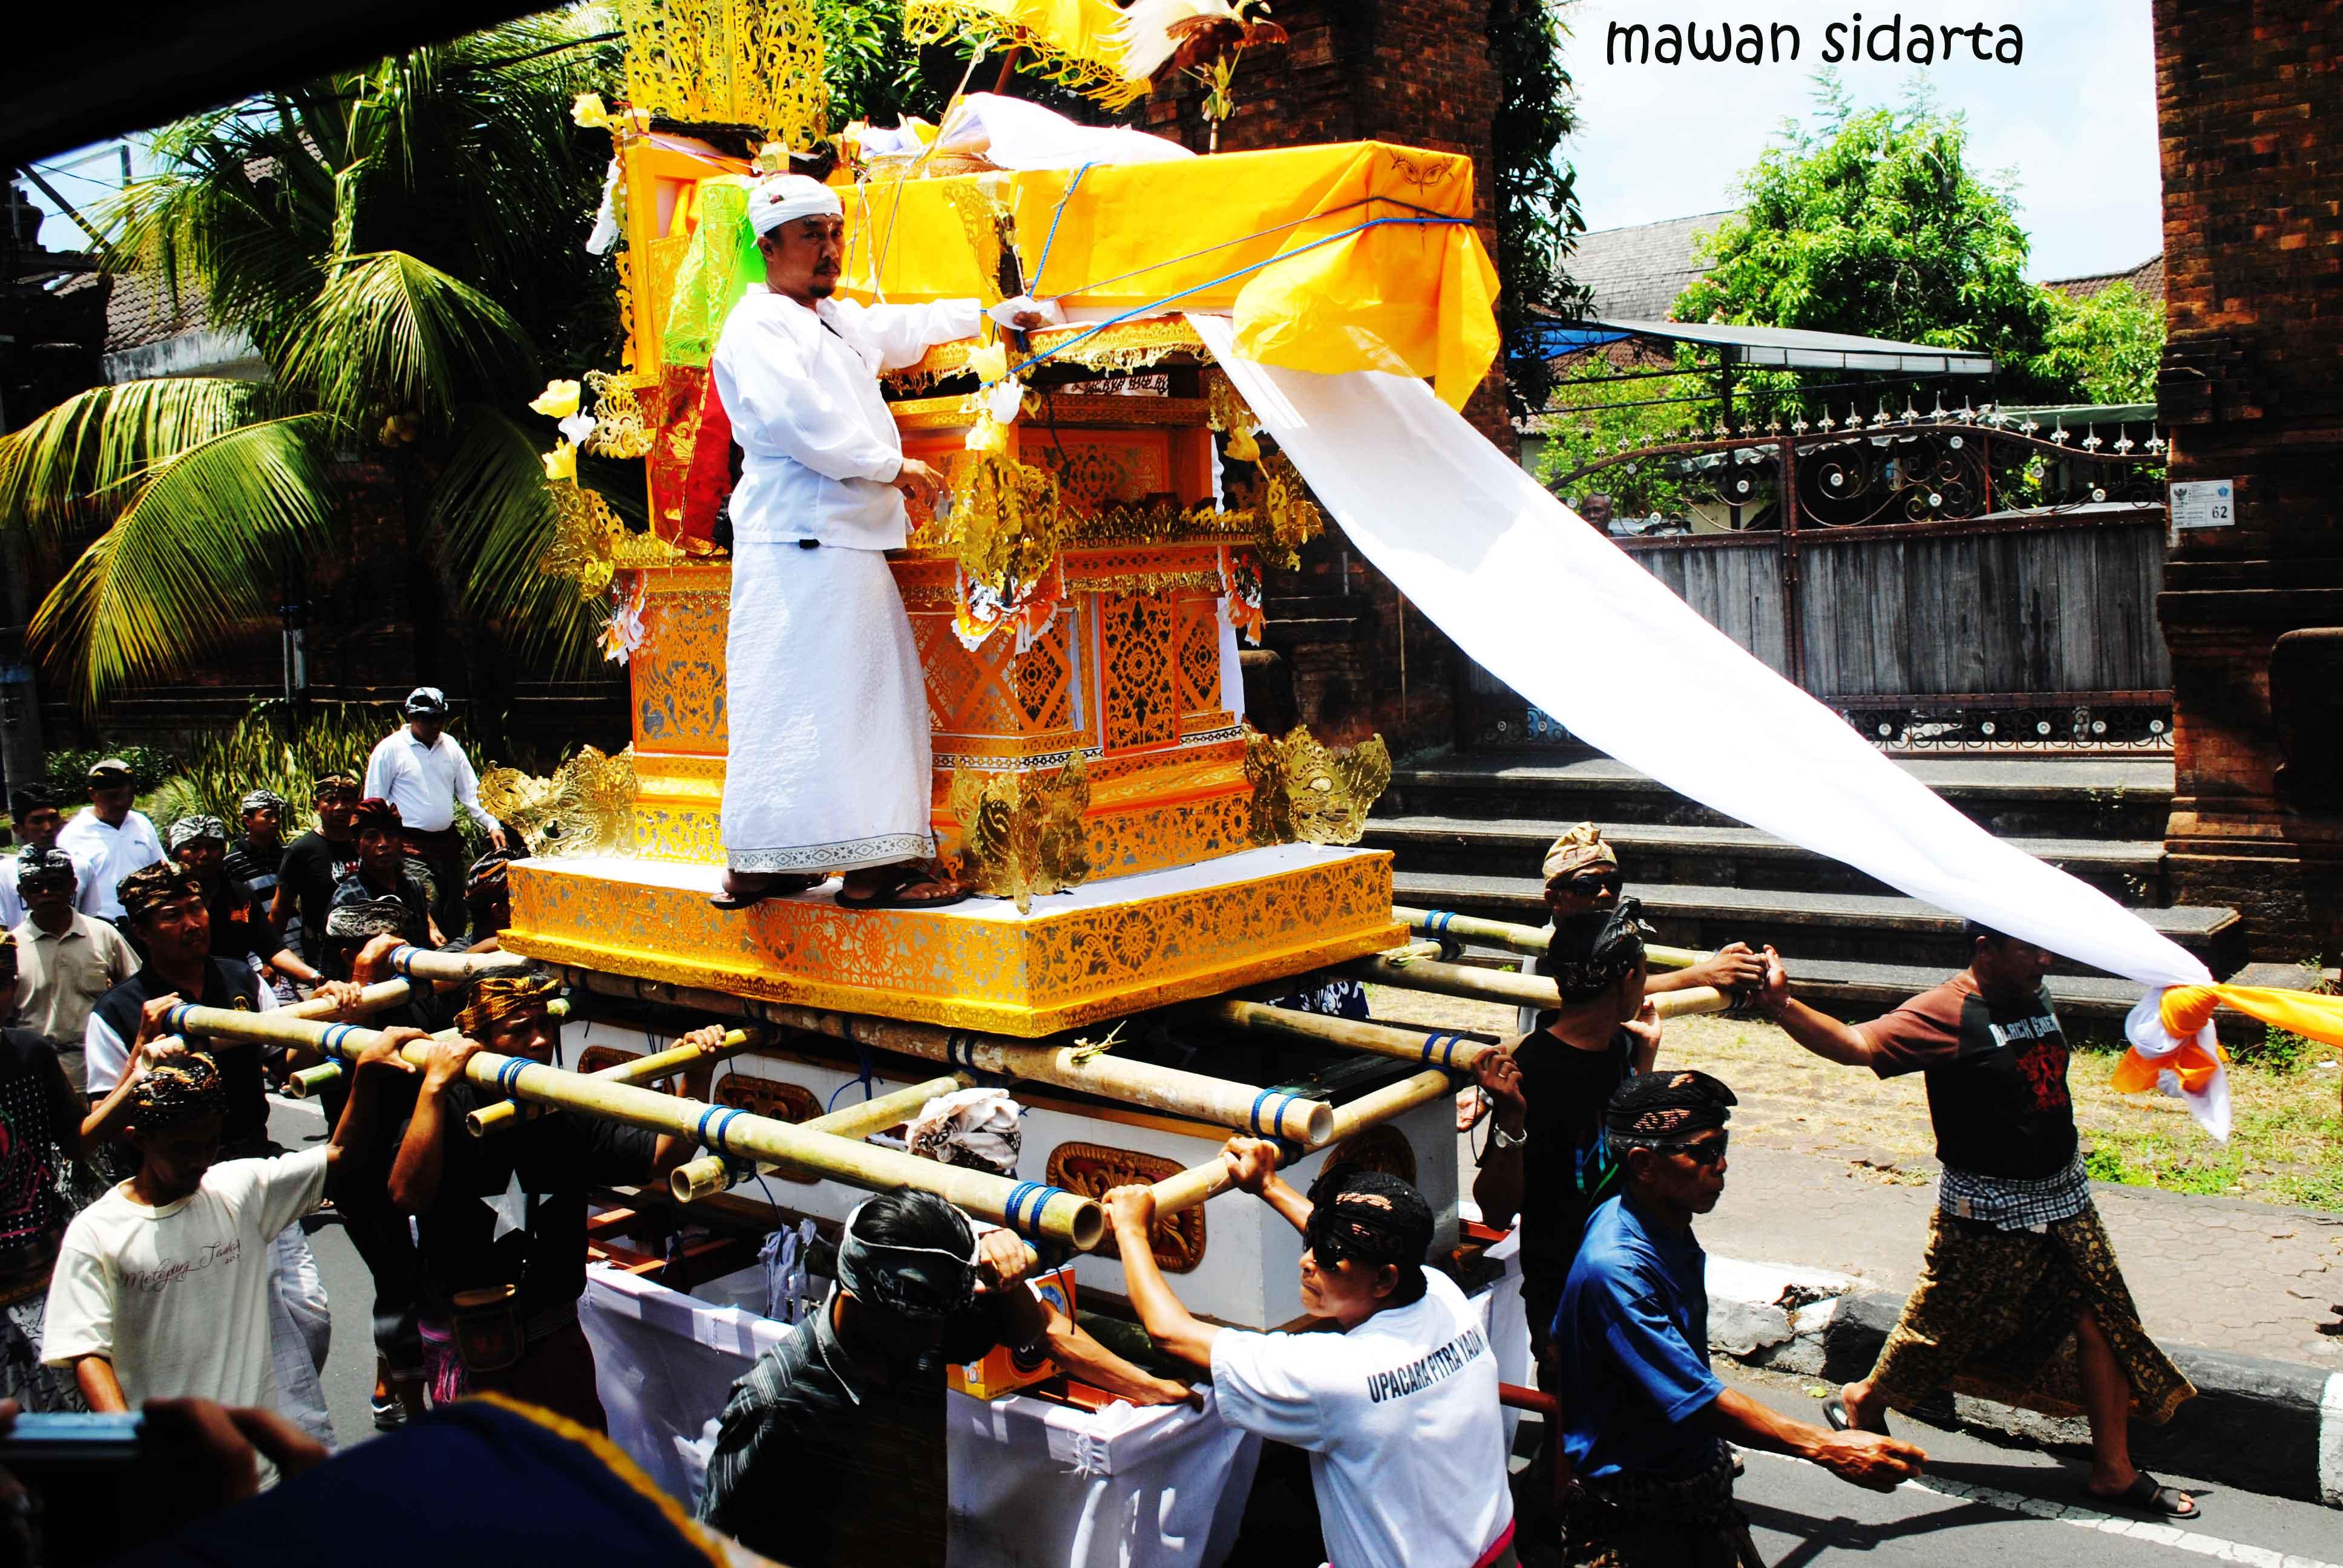 Inilah Cara Orang Hindu Menuju Surga! oleh Mawan Sidarta